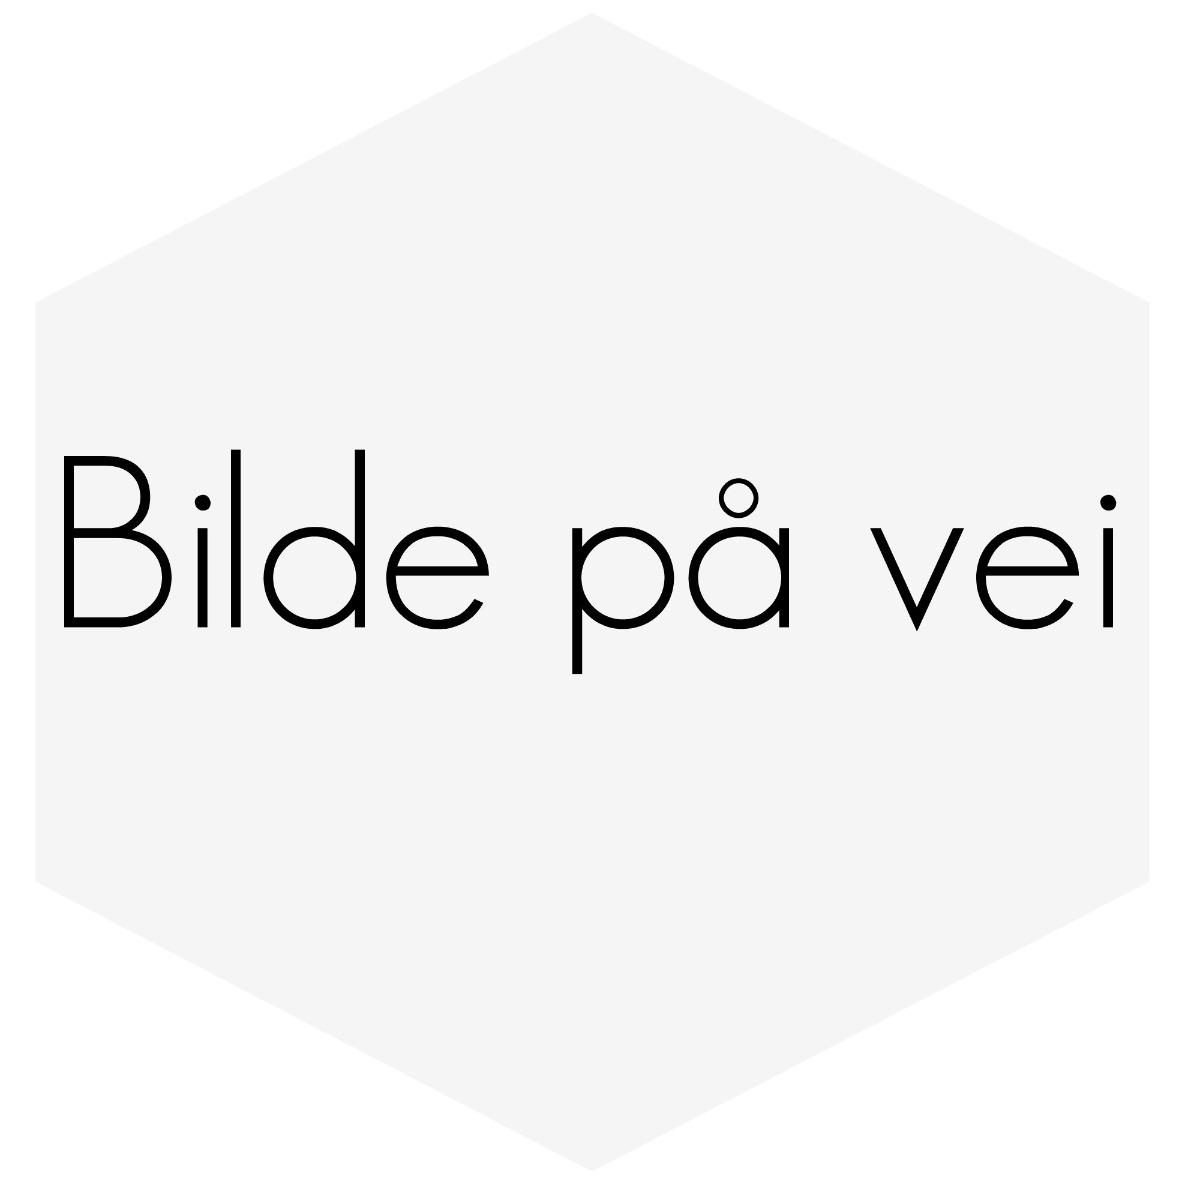 KAMAKSEL FIN GATEKAM ØKER AKSELASJON OG DREIMOMENT B21